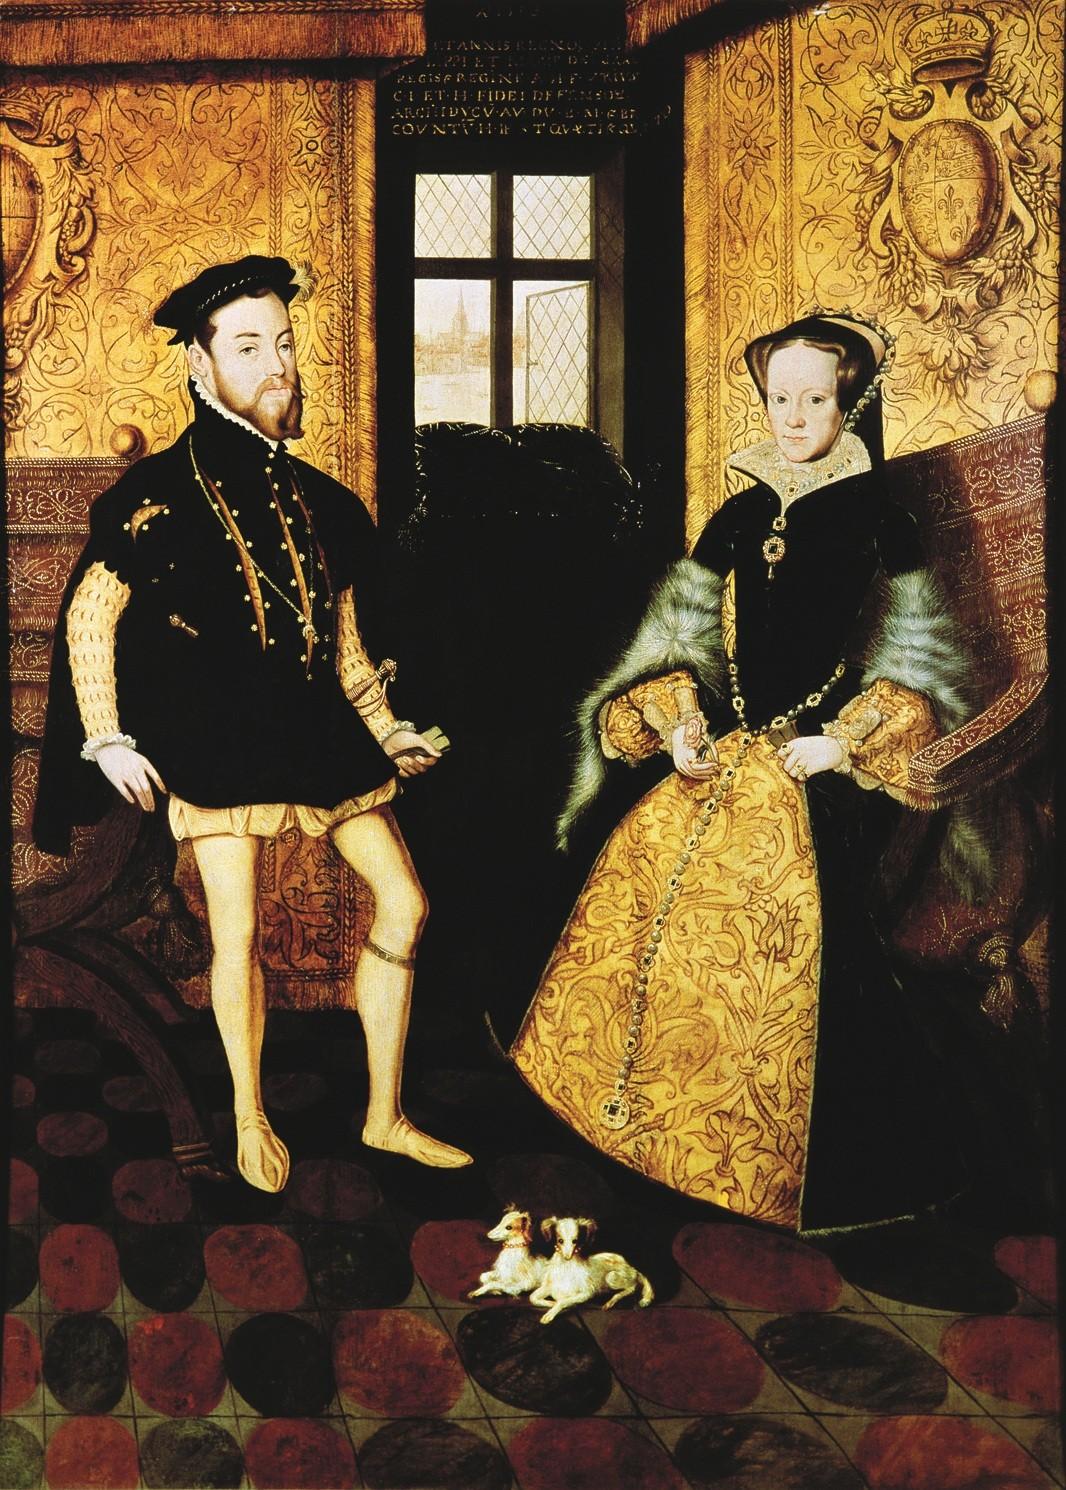 Retrato de Maria I, da Inglaterra --que ficou conhecida como Maria Sangrenta -- e seu marido Filipe II da Espanha. O casal viveu sozinho por cerca de 15 meses. Hans Eworth. (Wikimedia Commons)